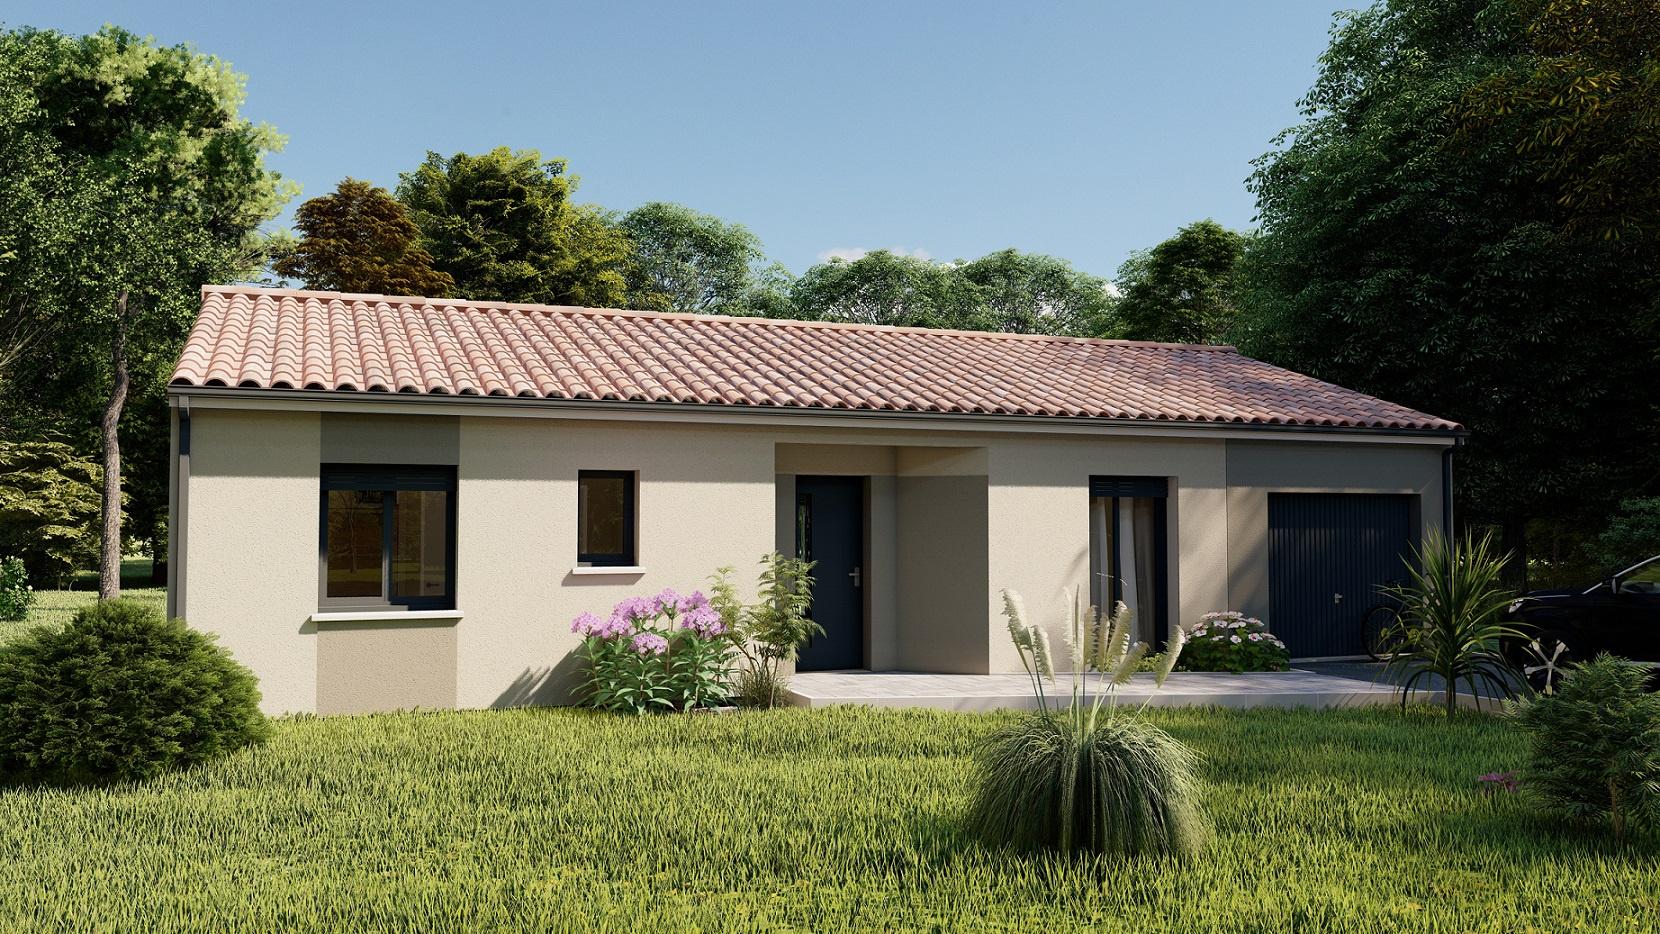 Vente maison à Bajamont (47480) de 90 m2 habitable sur terrain de 500 m2